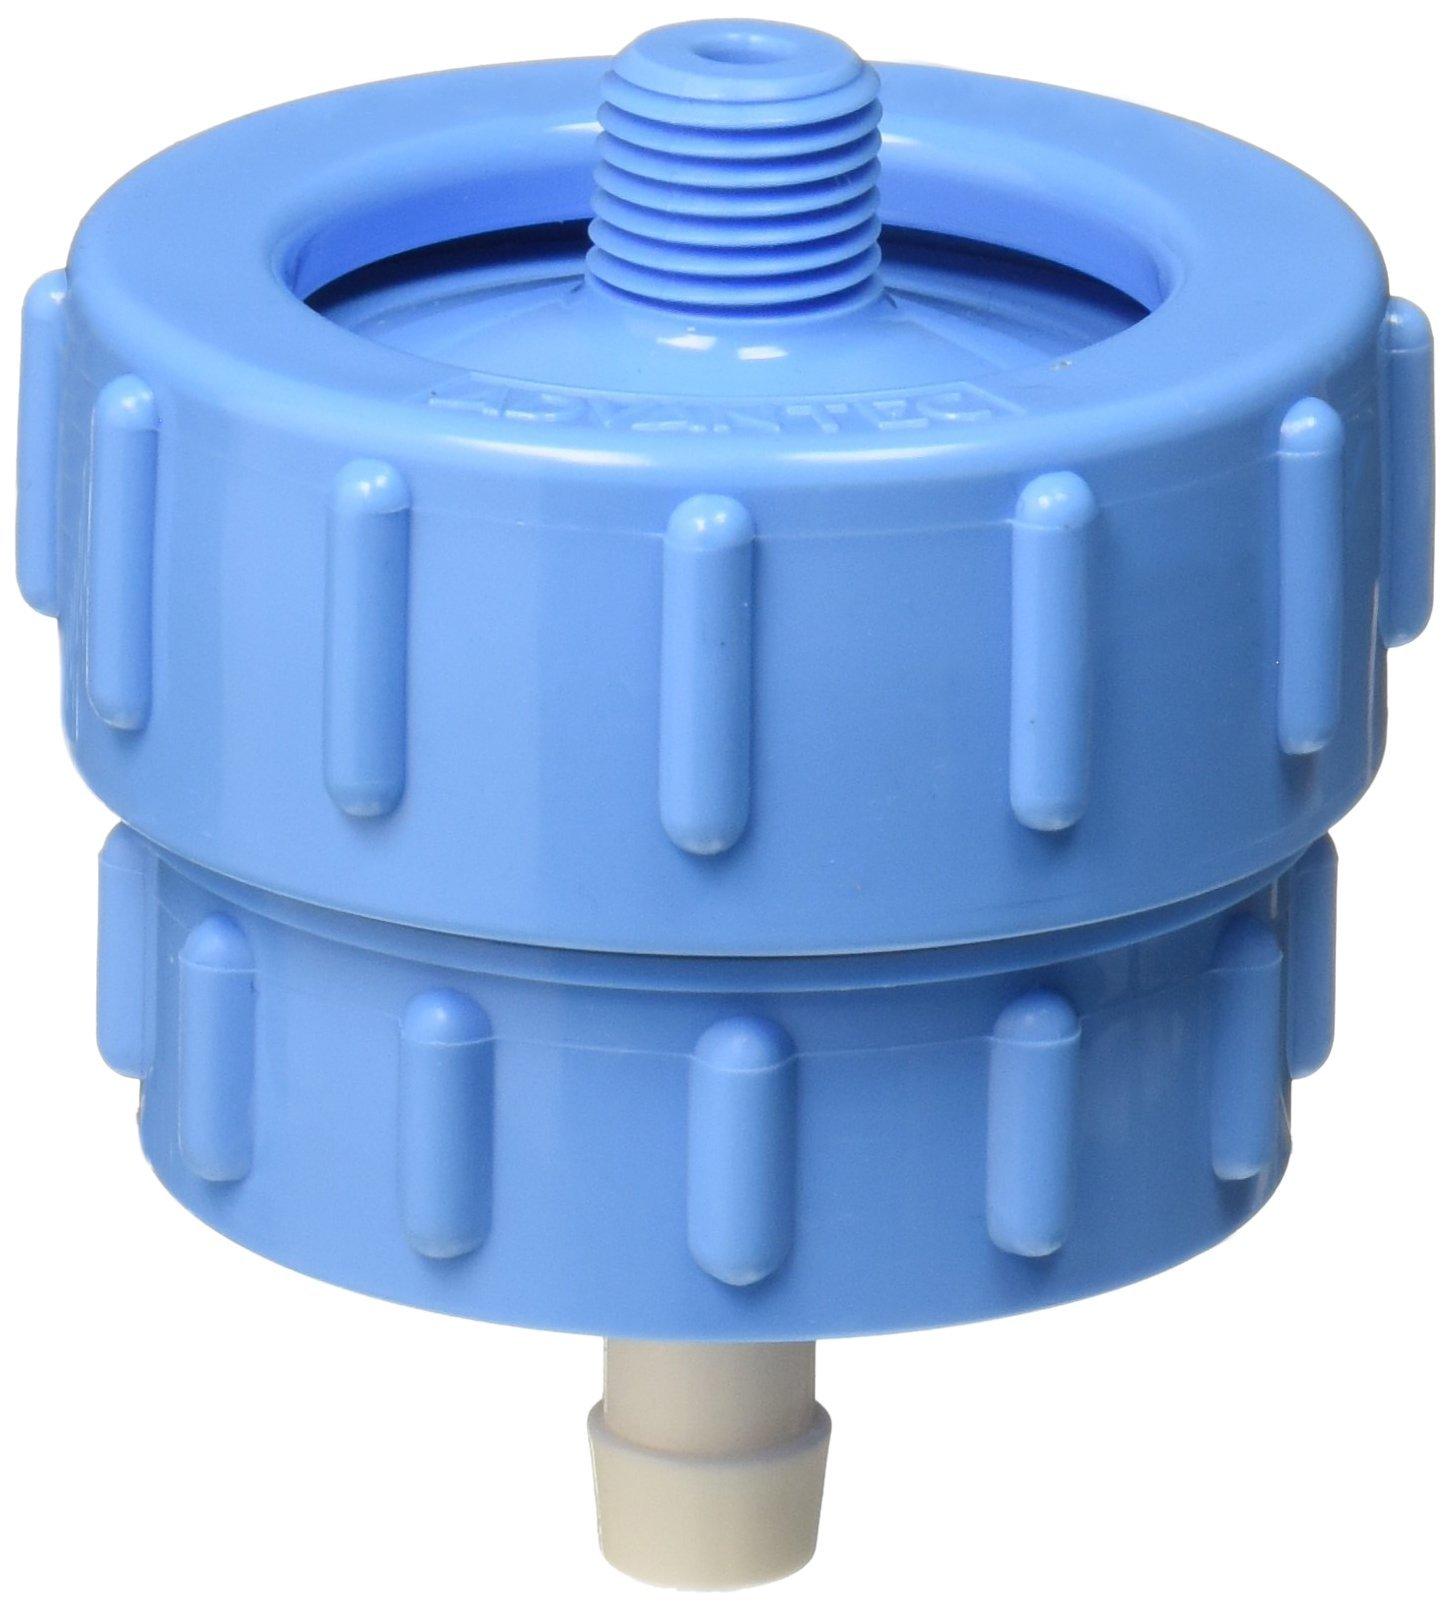 Advantec 662322 Polypropylene Filter Holder for 47-mm membranes